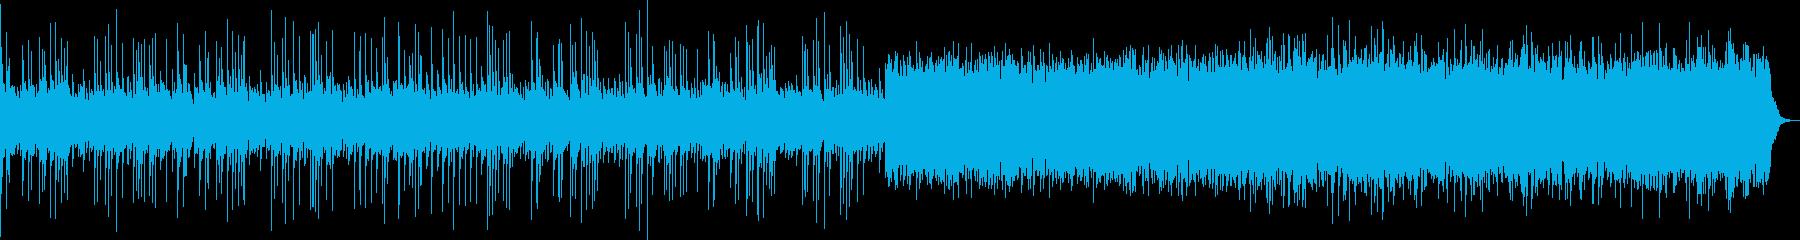 ゆったりしたギター・シンセサウンドの再生済みの波形